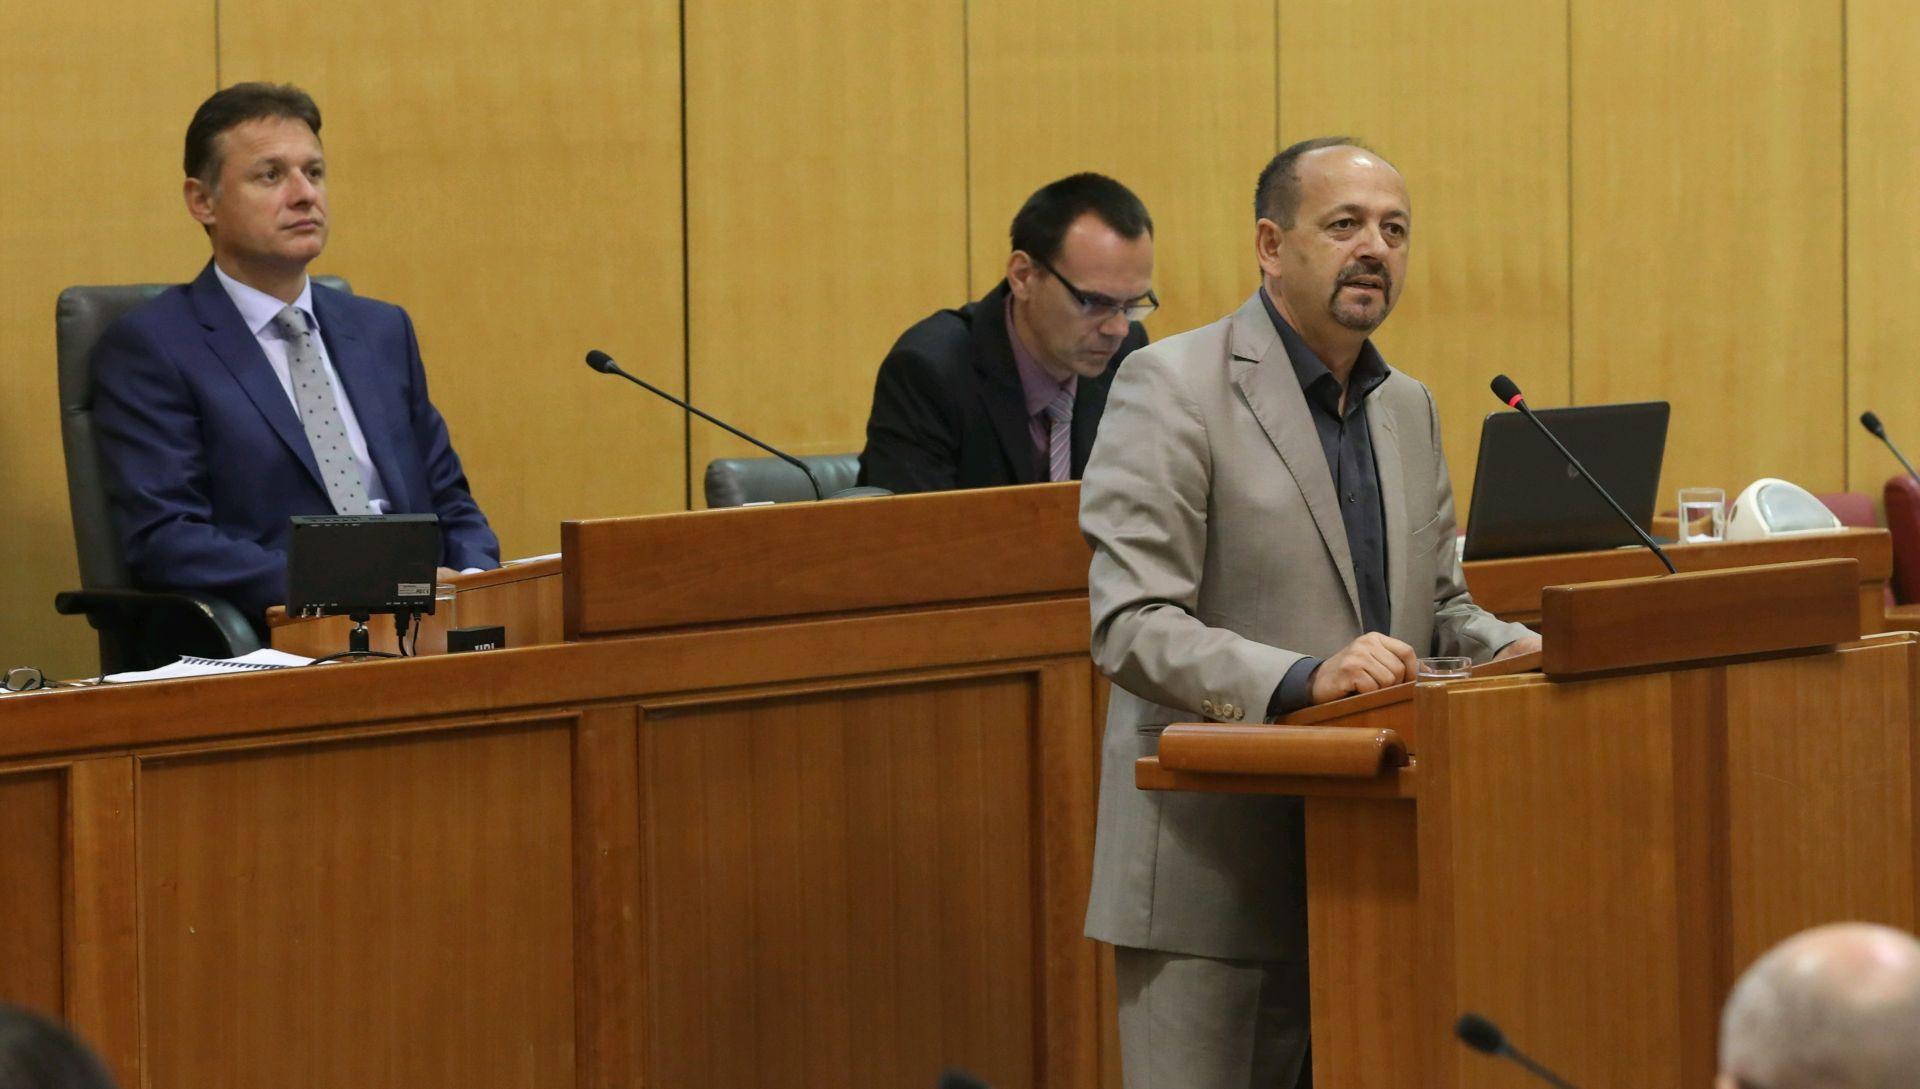 Lovrinović upozorava na 'promašenu vanjskotrogovinsku politiku'